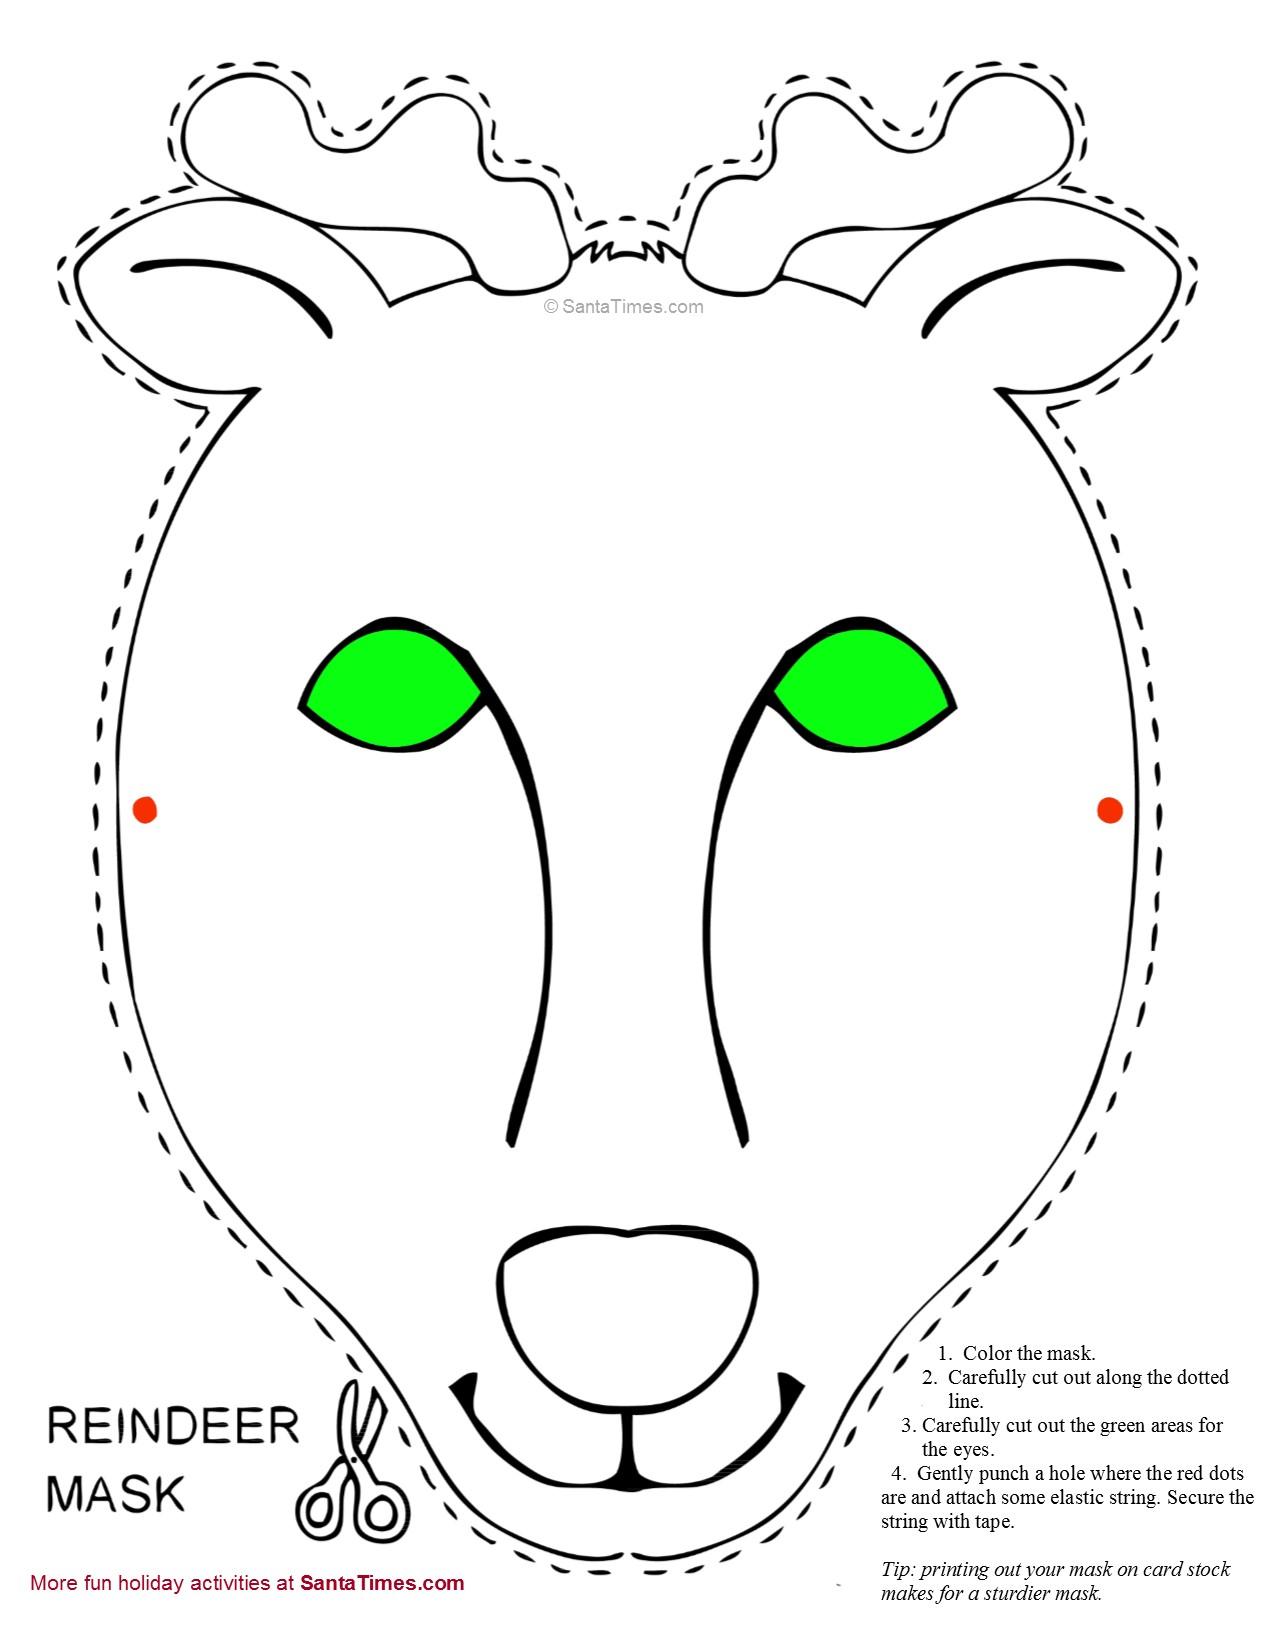 reindeer mask free printable coloring page